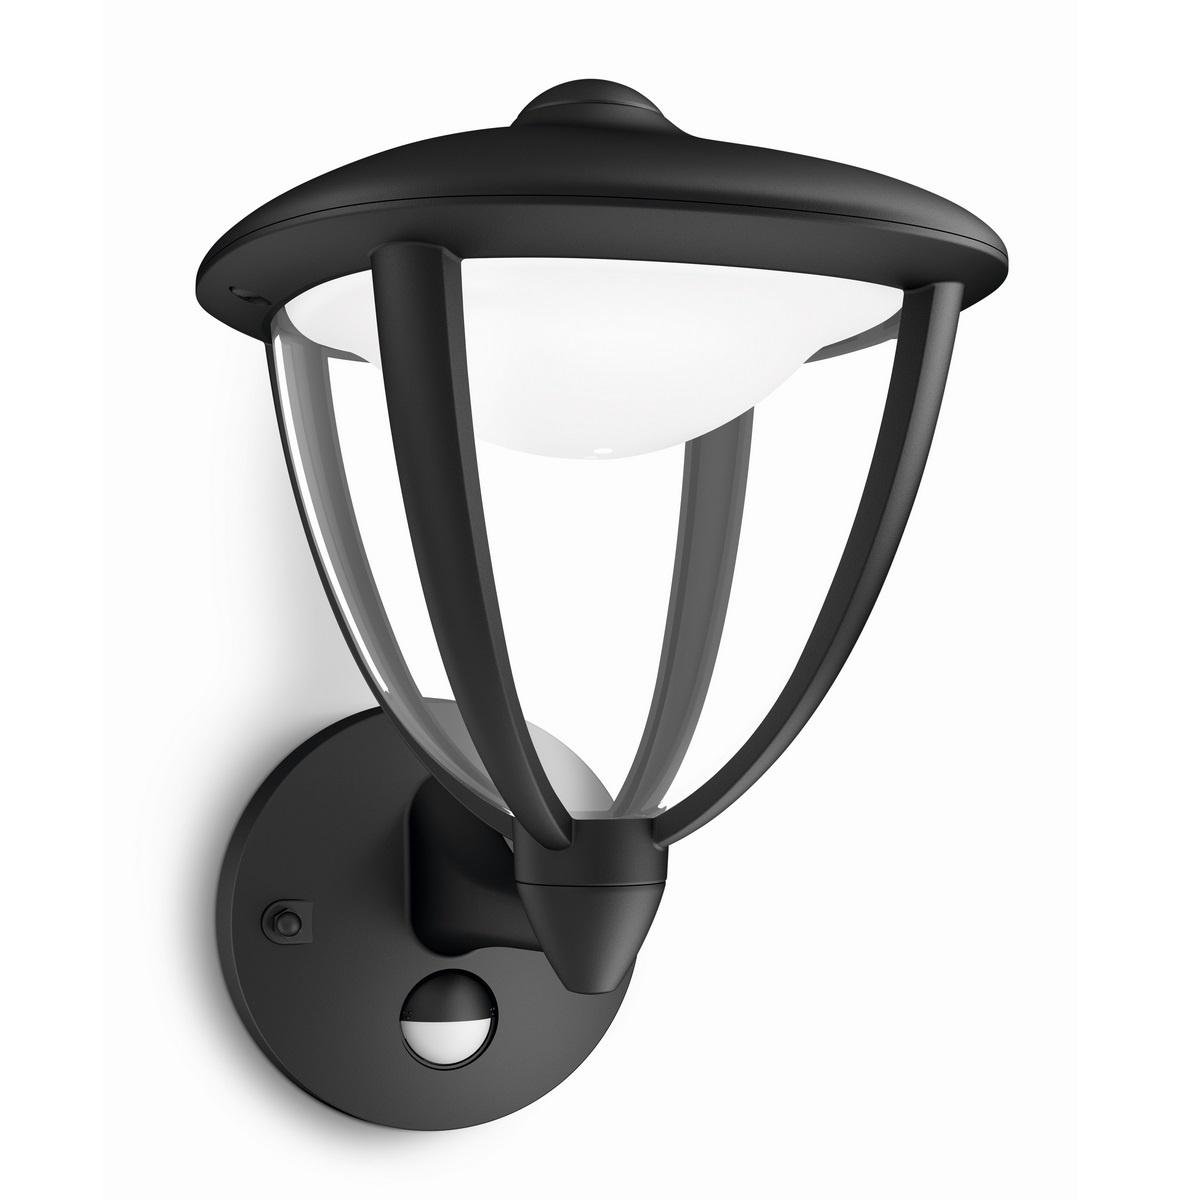 Philips 15479/30/16 Robin Venkovní nástěnné LED svítidlo 26 cm, černá